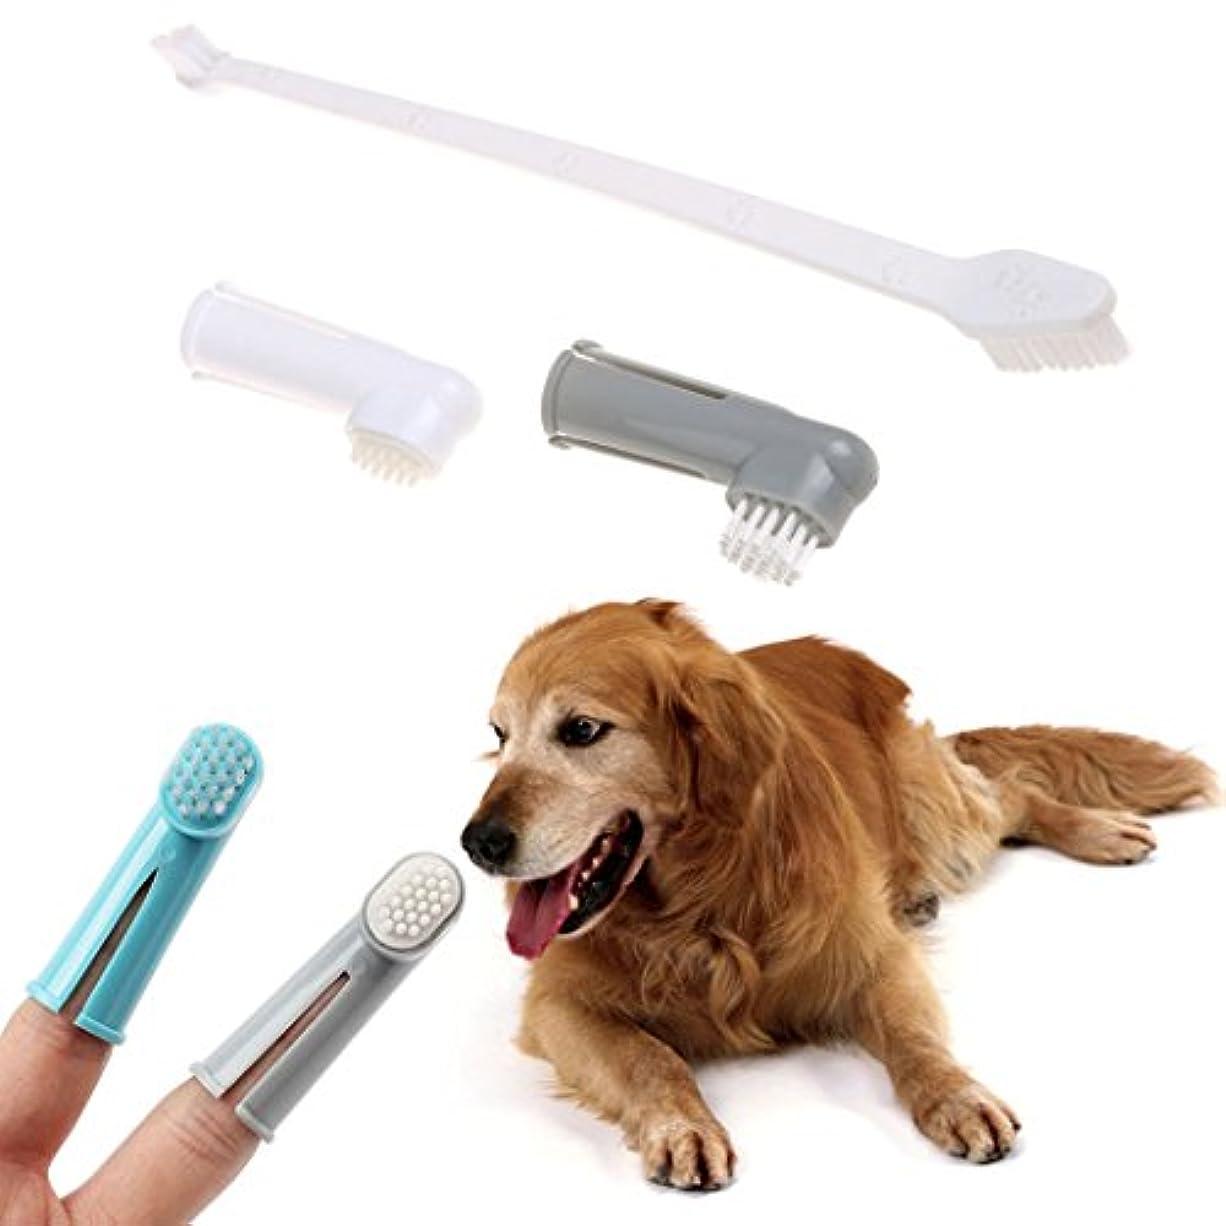 倉庫とんでもない論争Legendog ペットの歯ブラシ 犬用歯ブラシ 指歯 ブラシ 歯磨き ペット歯ケア用品 カラフル 3ピースセット(合計9個)